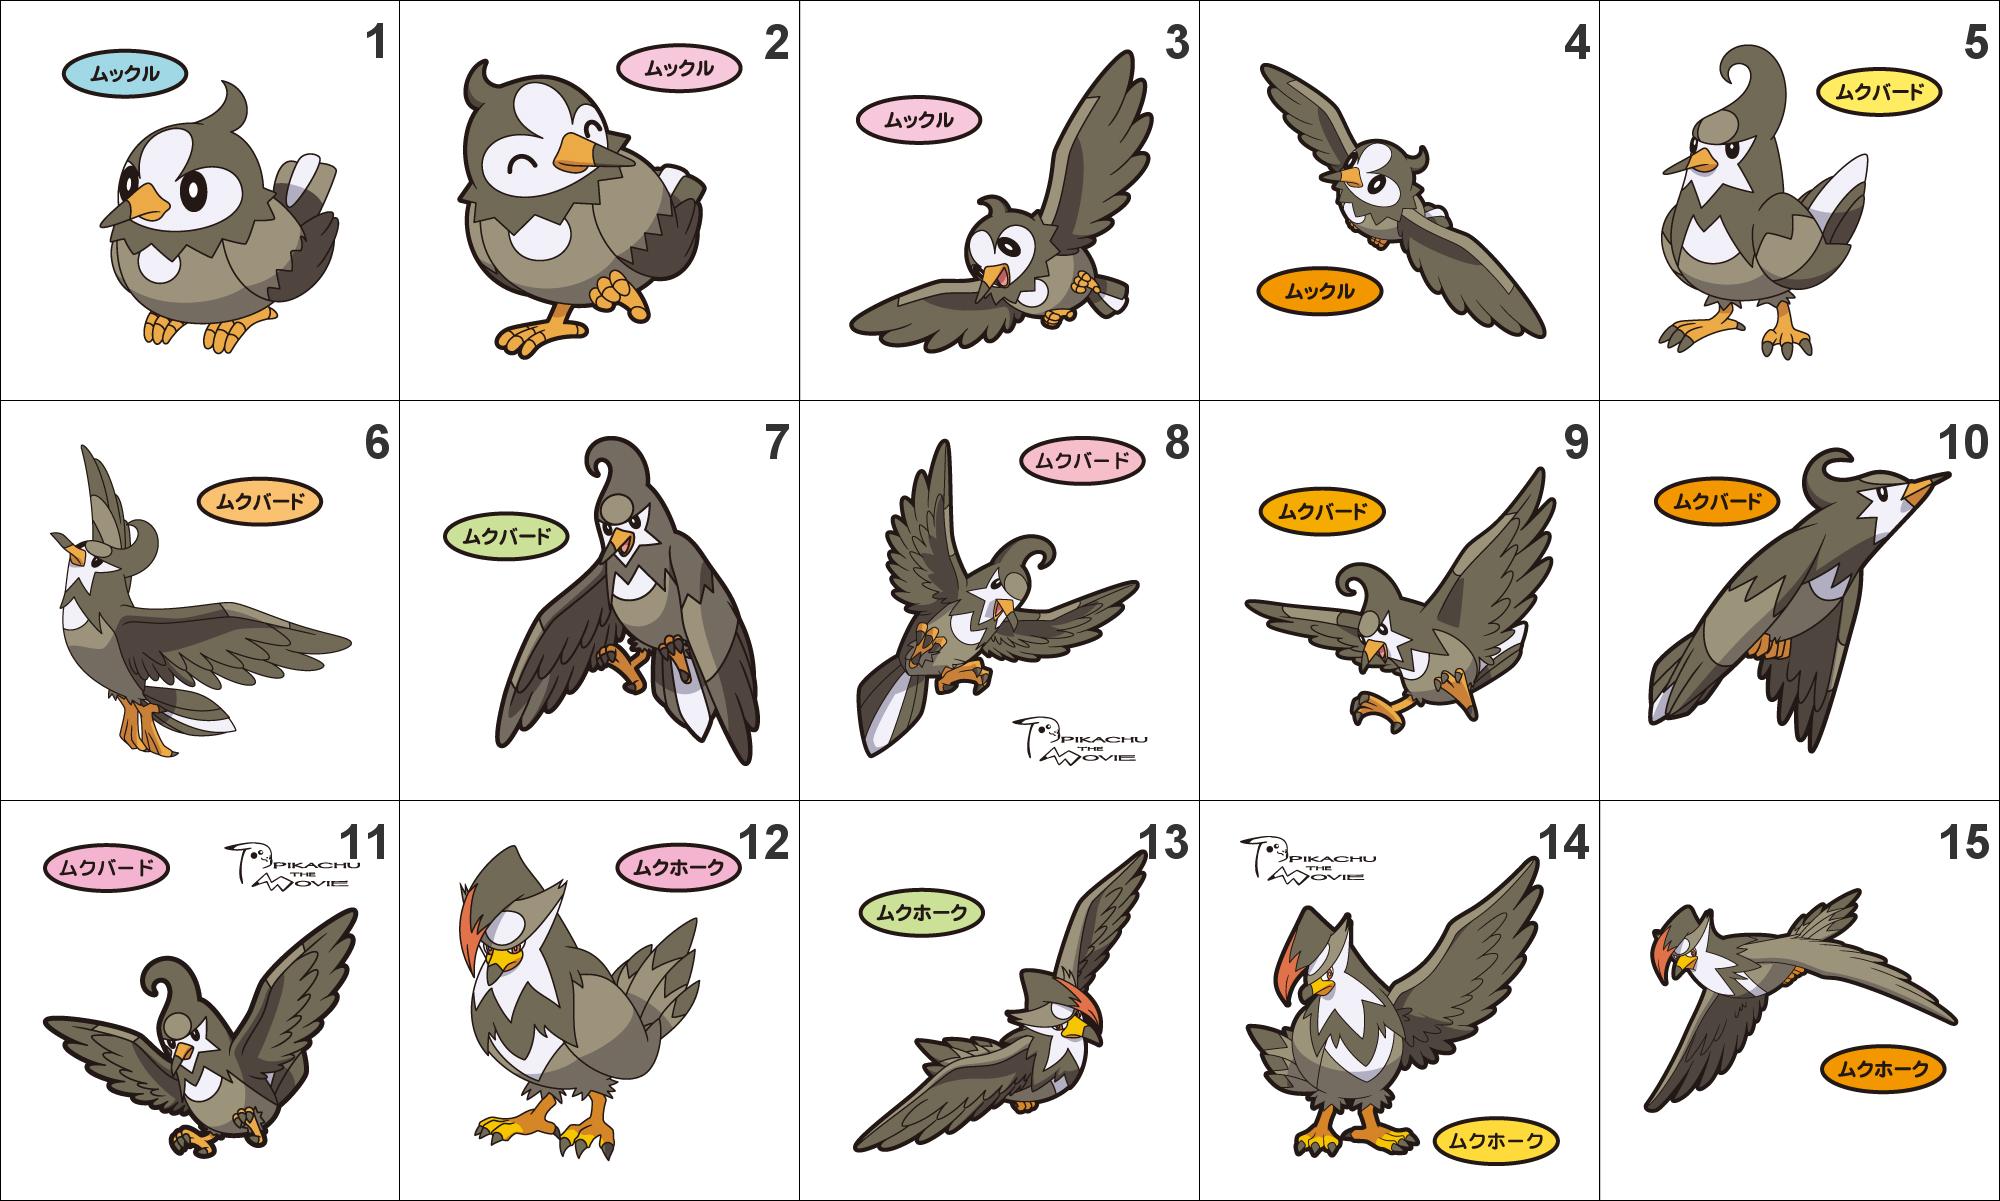 Staravia Images   Pokemon Images